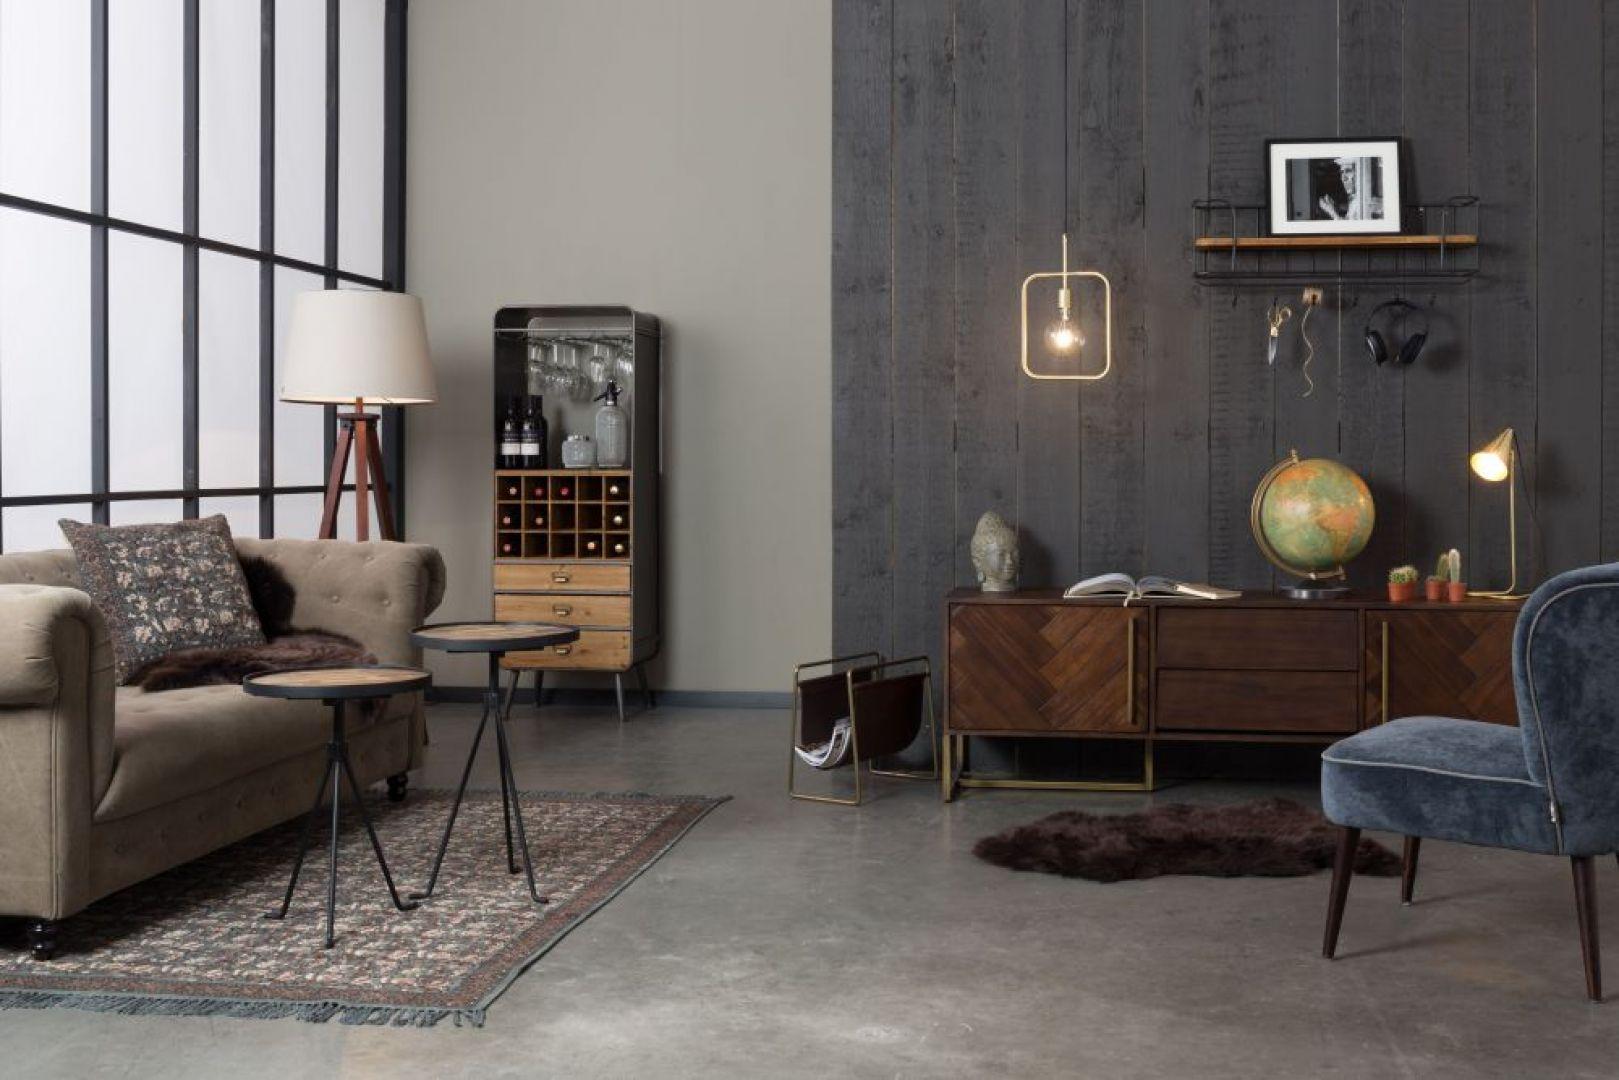 Meble do przechowywania z kolekcji Class mają pojemne schowki, np. półki na talerze i butelki, wieszaki na kieliszki oraz szuflady na ubrania bądź tekstylia stołowe. Fot. Dutchbone / BM Housing